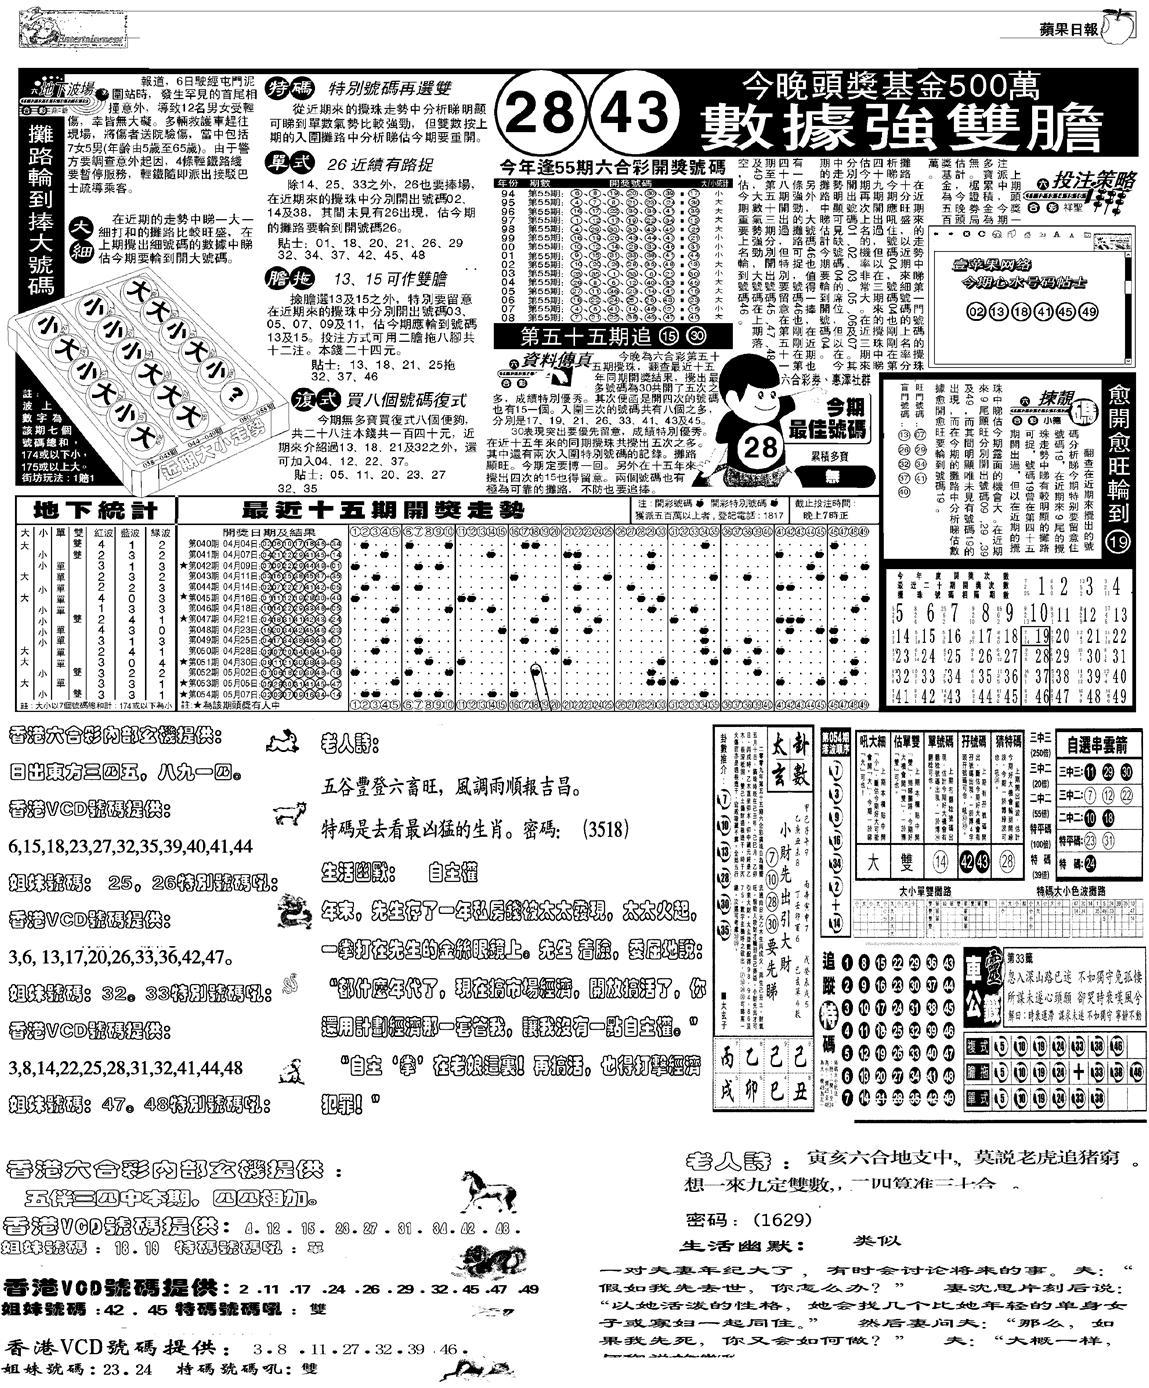 055期当日报-5(黑白)